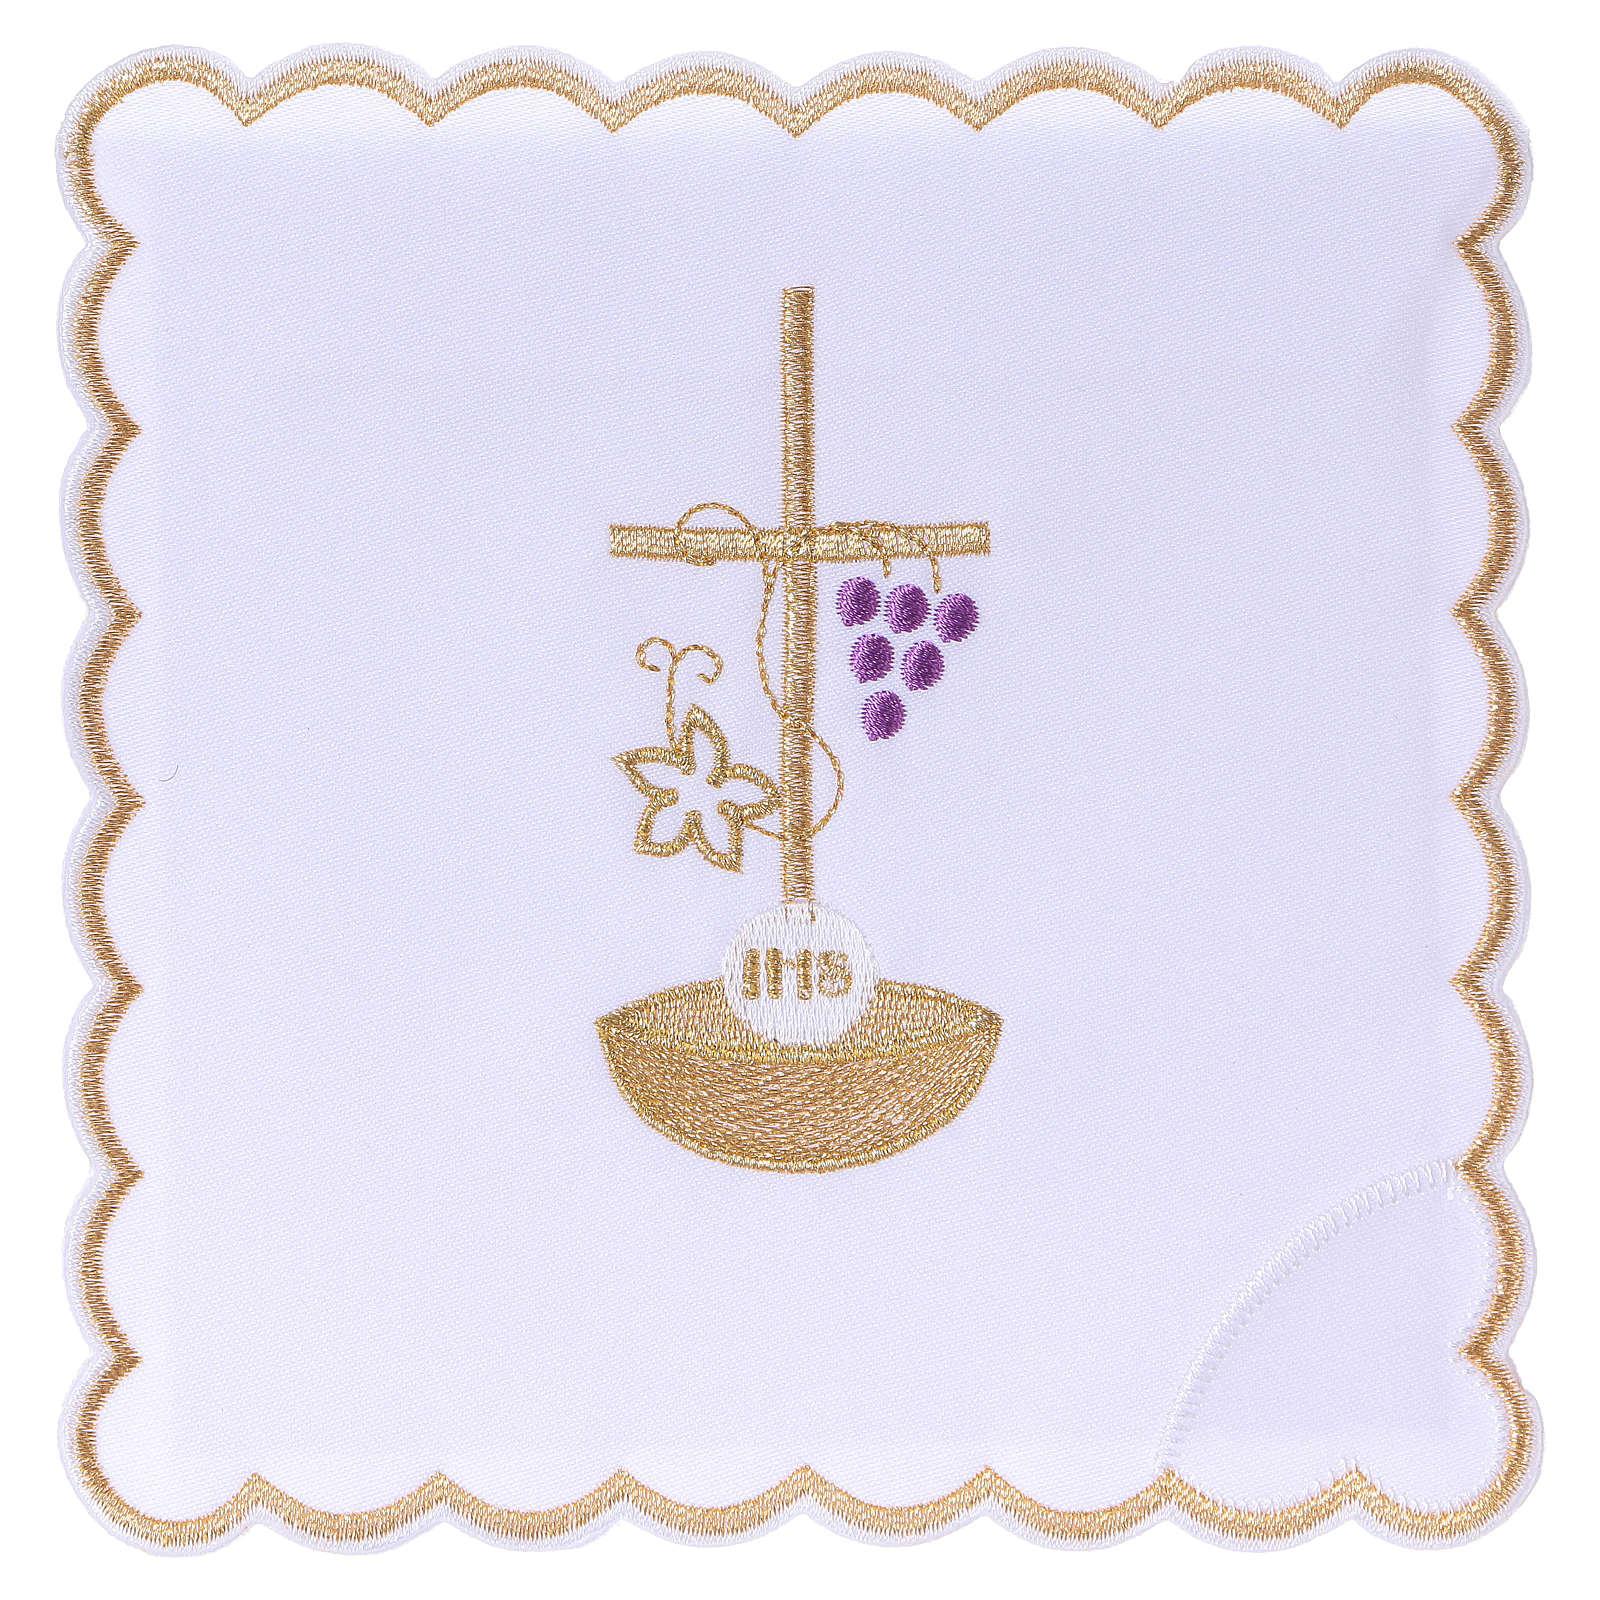 Servizio da altare cotone corda croce uva foglia dorata JHS 4